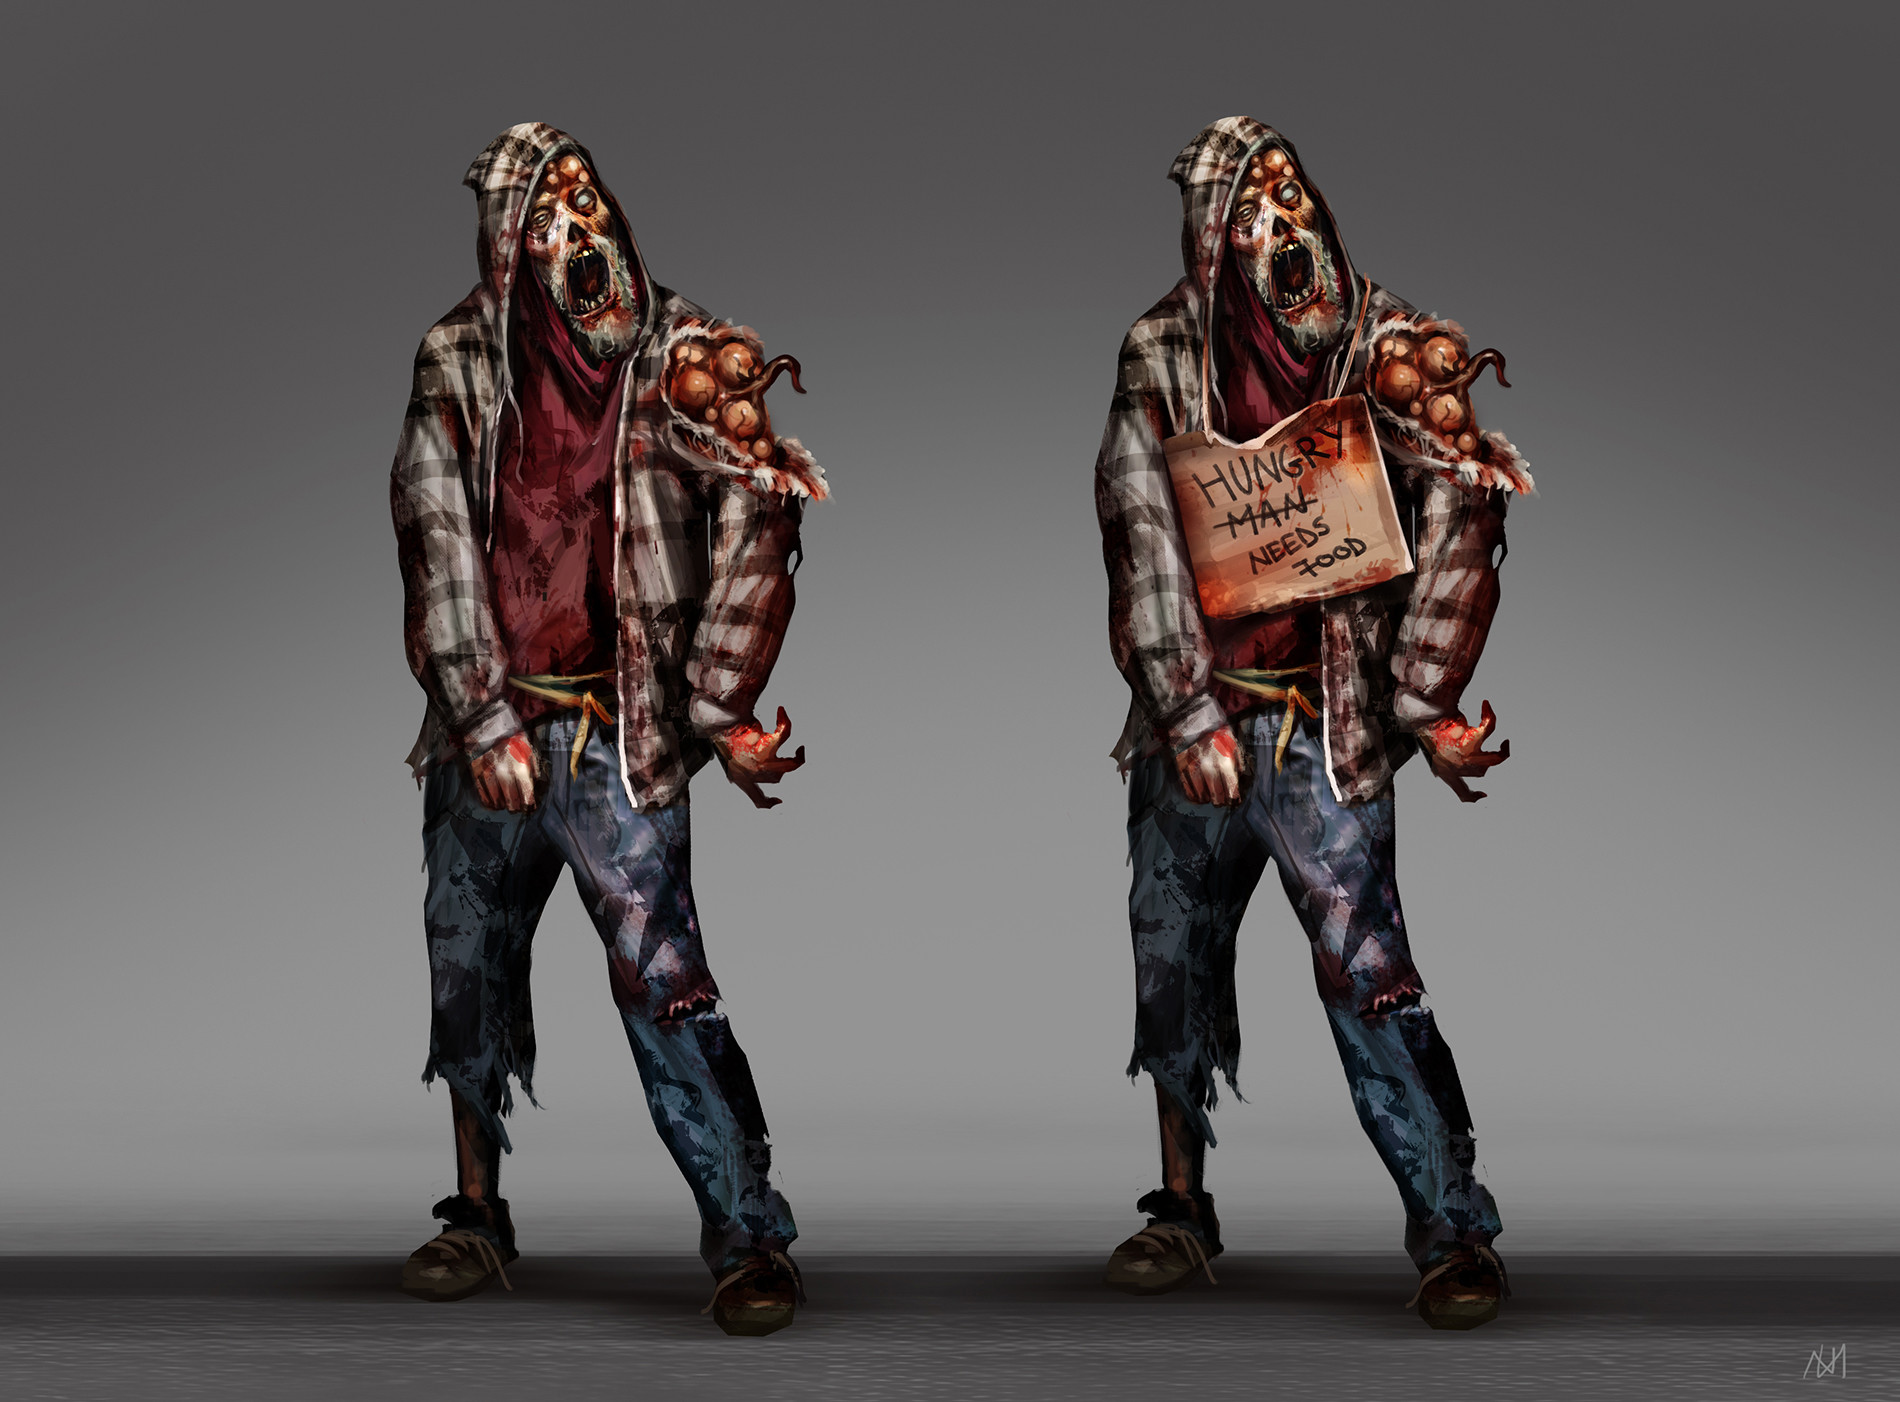 Nagy norbert hobo zombie concept